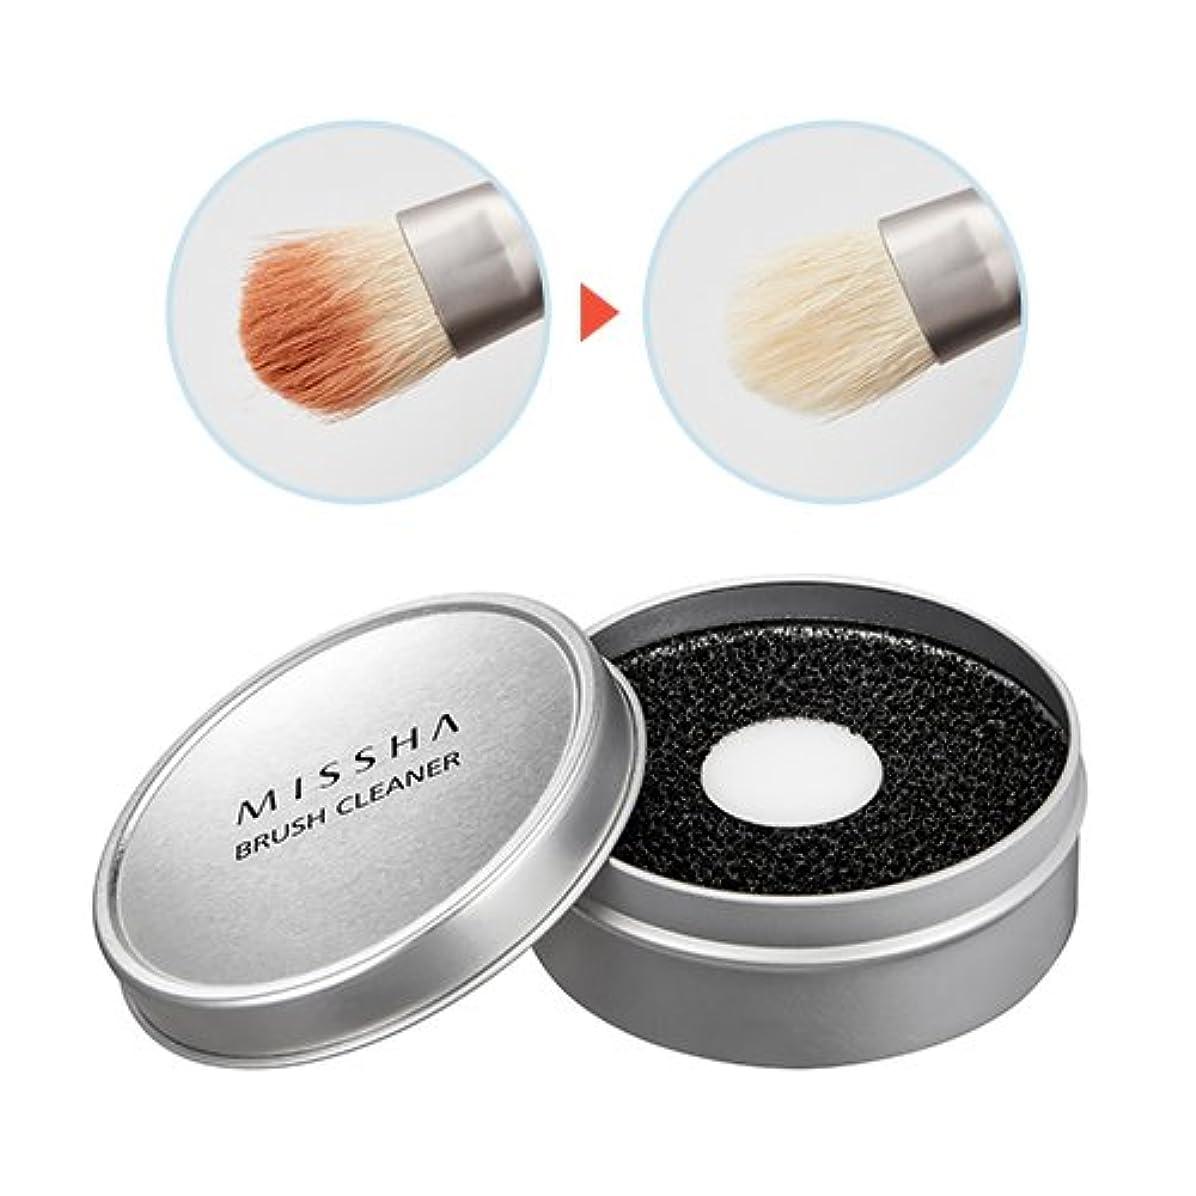 テレックスリフレッシュ慣習MISSHA Brush Cleaner / ミシャ ブラシクリーナー [NEW] [並行輸入品]